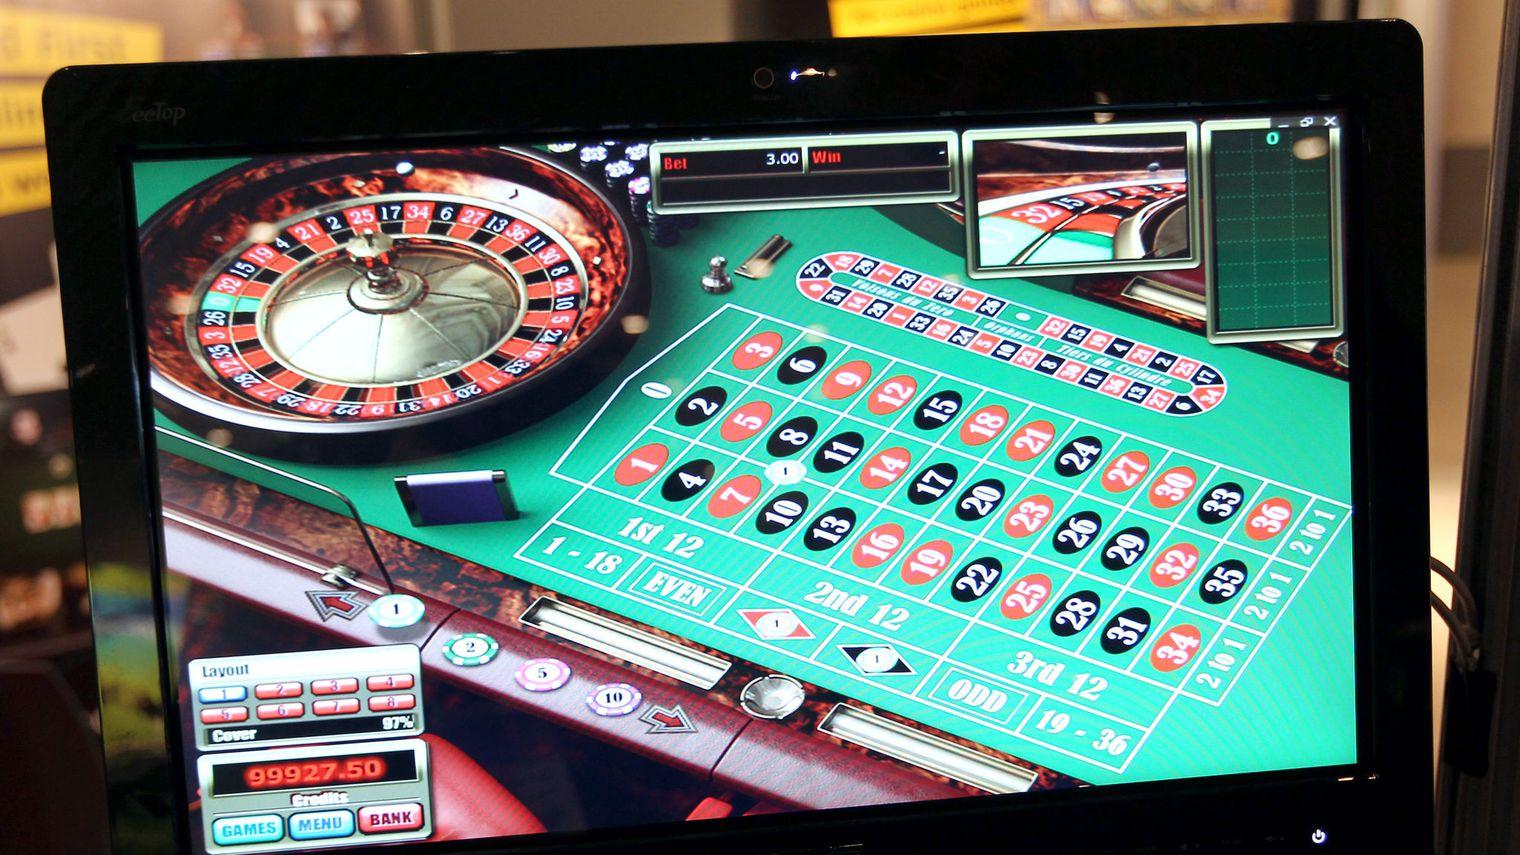 Jeux casino : se spécialiser dans un jeu